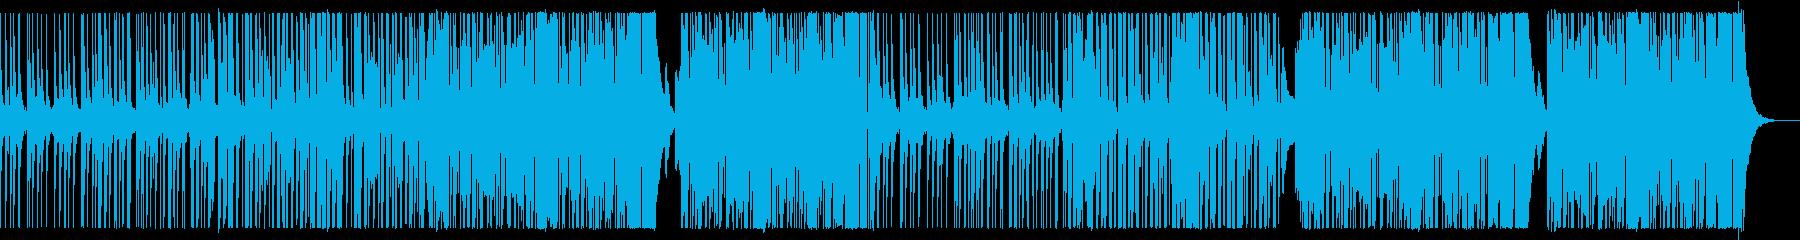 K-POP/チル&激しいダンスポップ展開の再生済みの波形